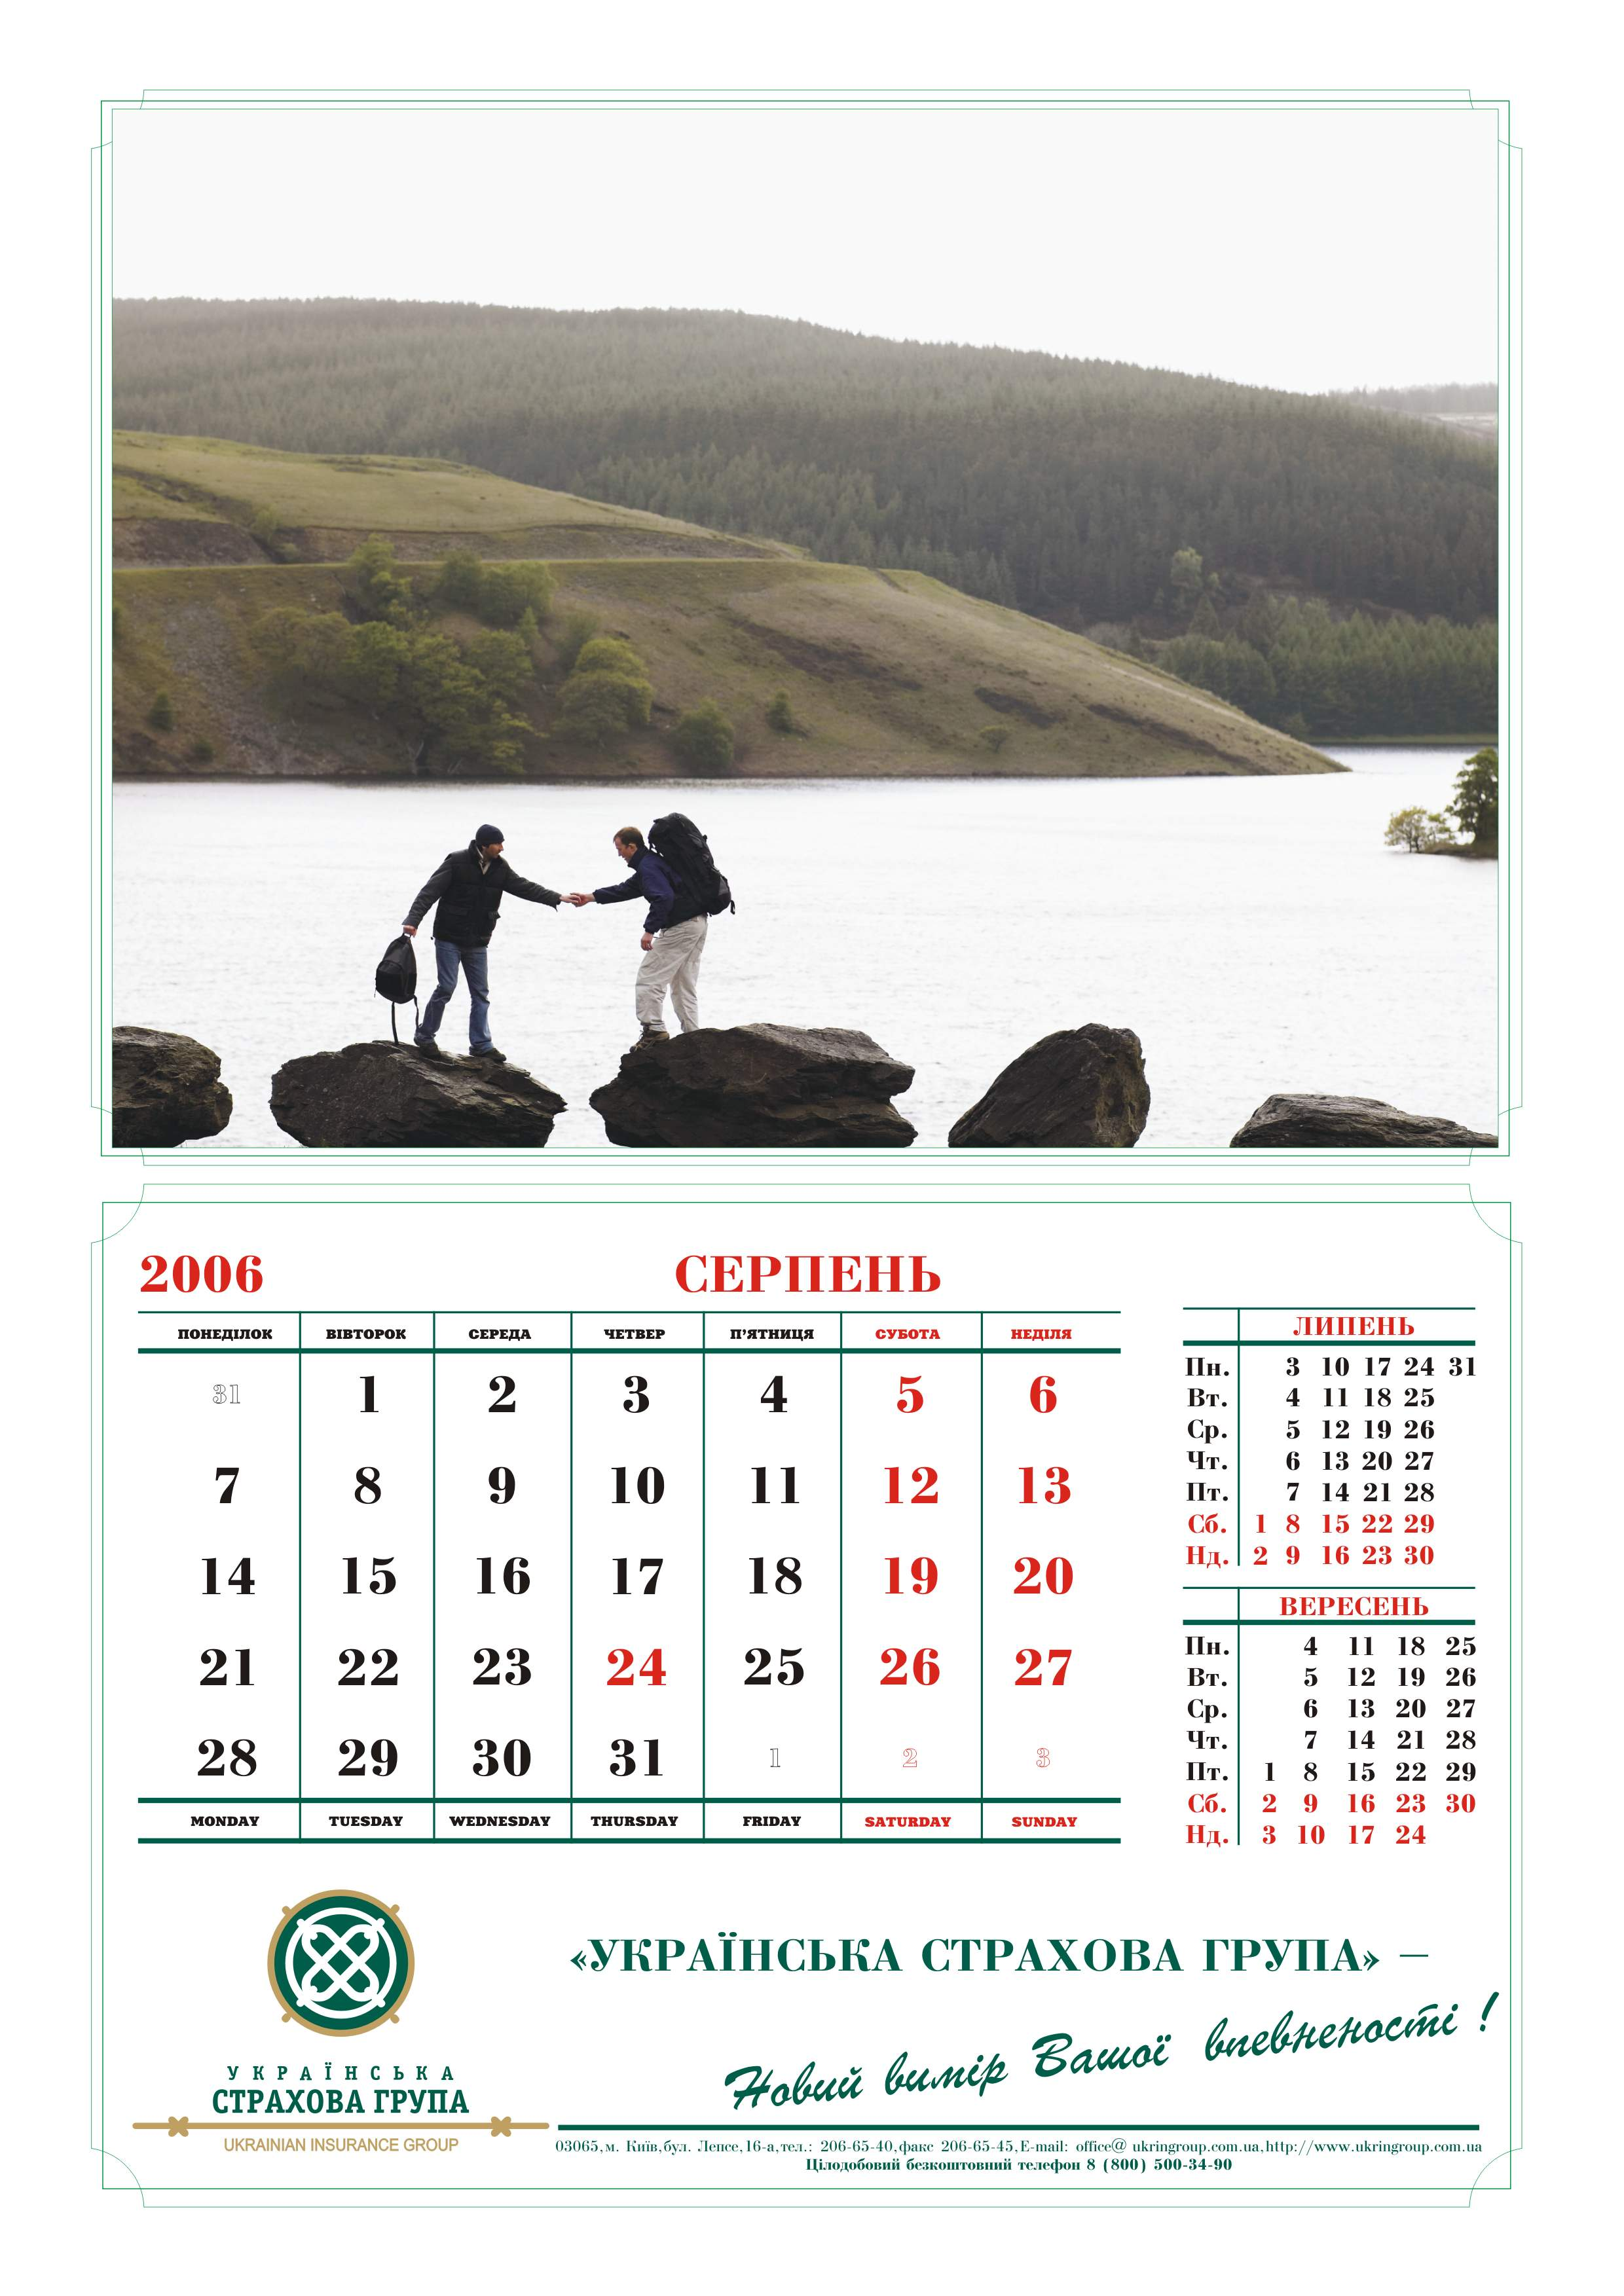 Дизайн настенного перекидного календаря для страховой компании. Август